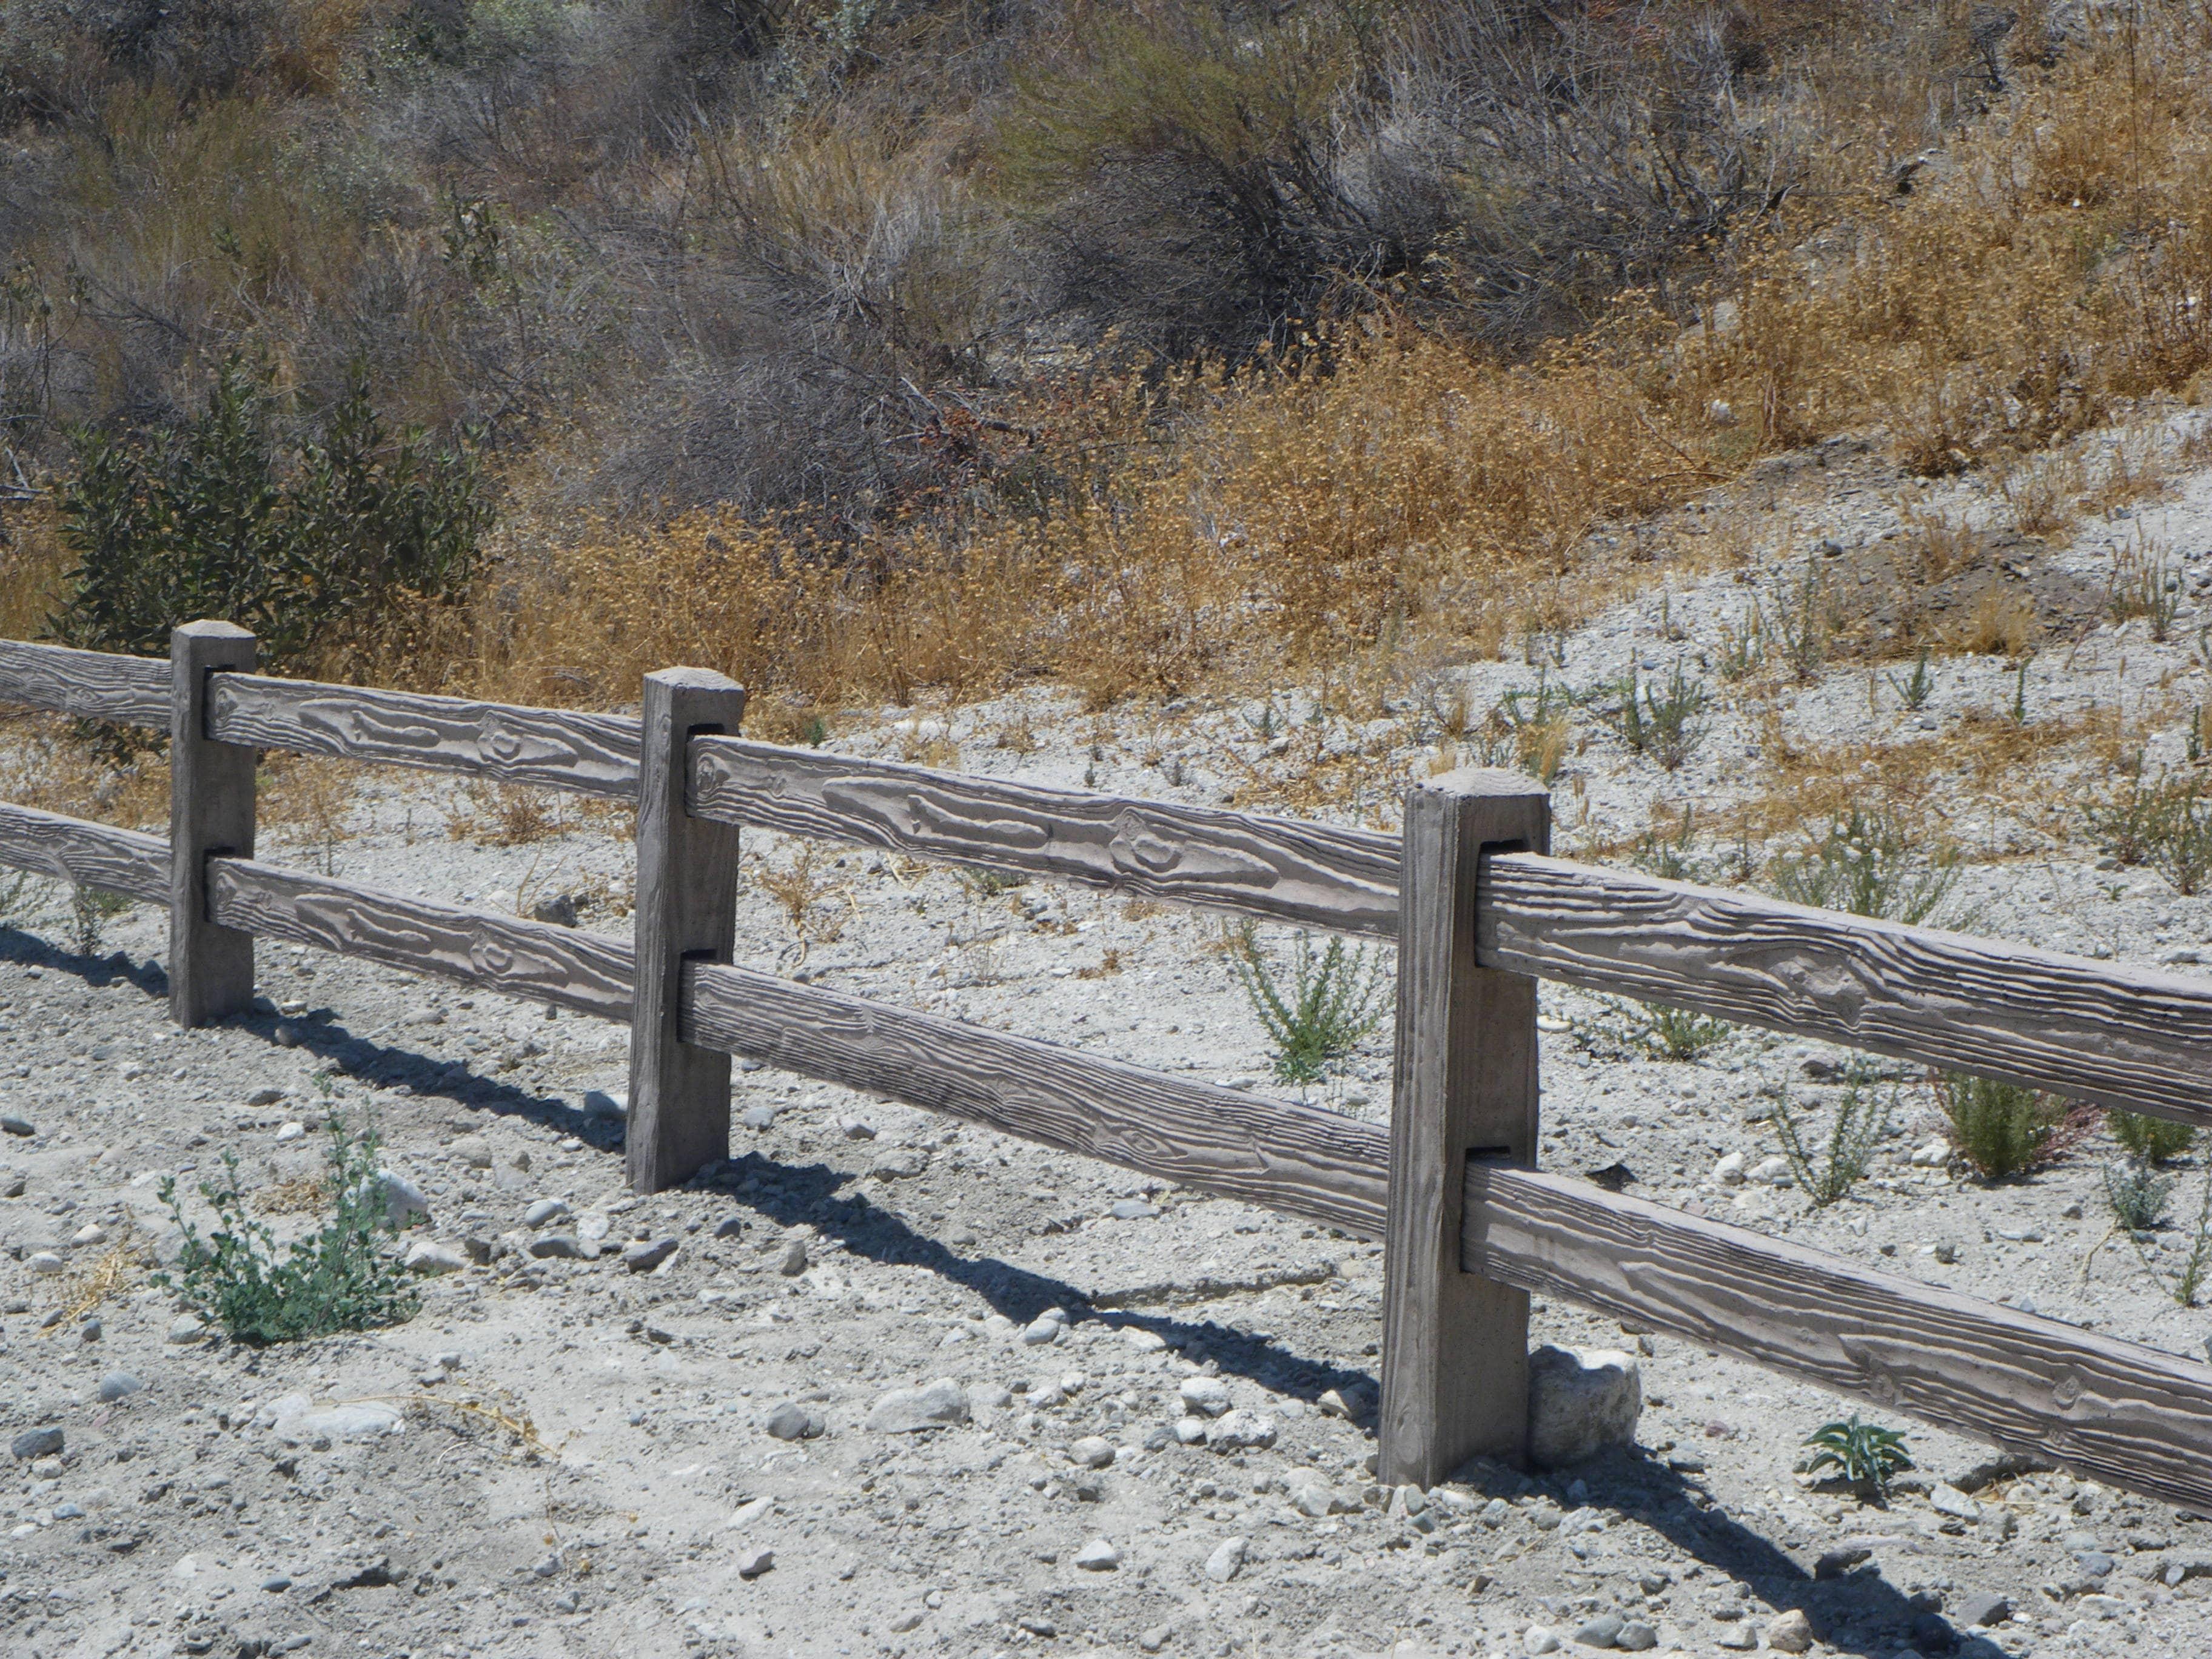 Concrete 2-Rail Fence